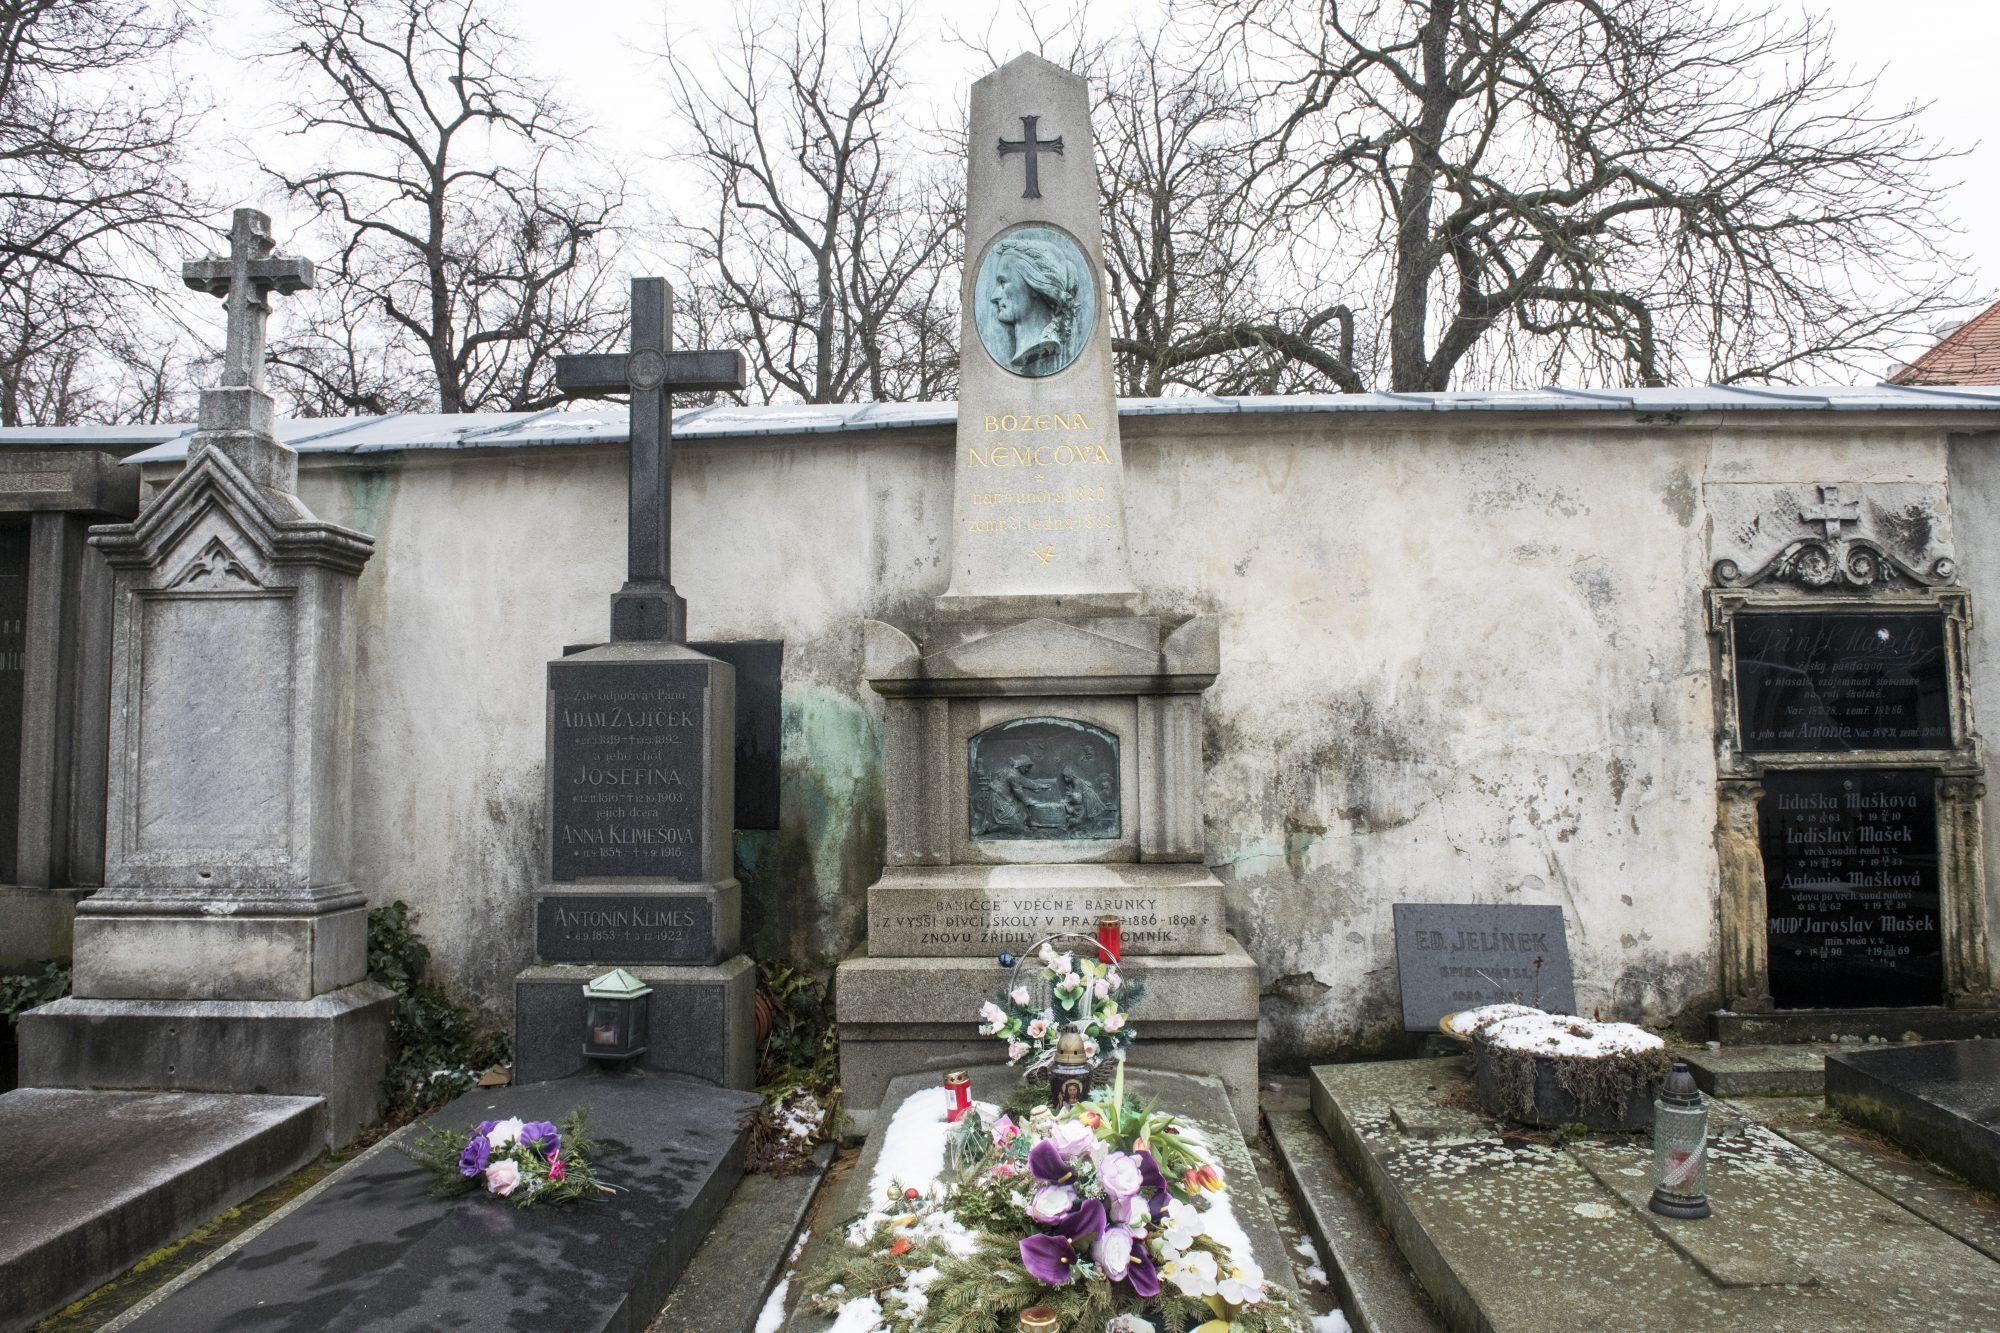 Pískovcový náhrobek na vyšehradském hřbitově zdobí profil Boženy Němcové od sochaře Tomáše Seidana